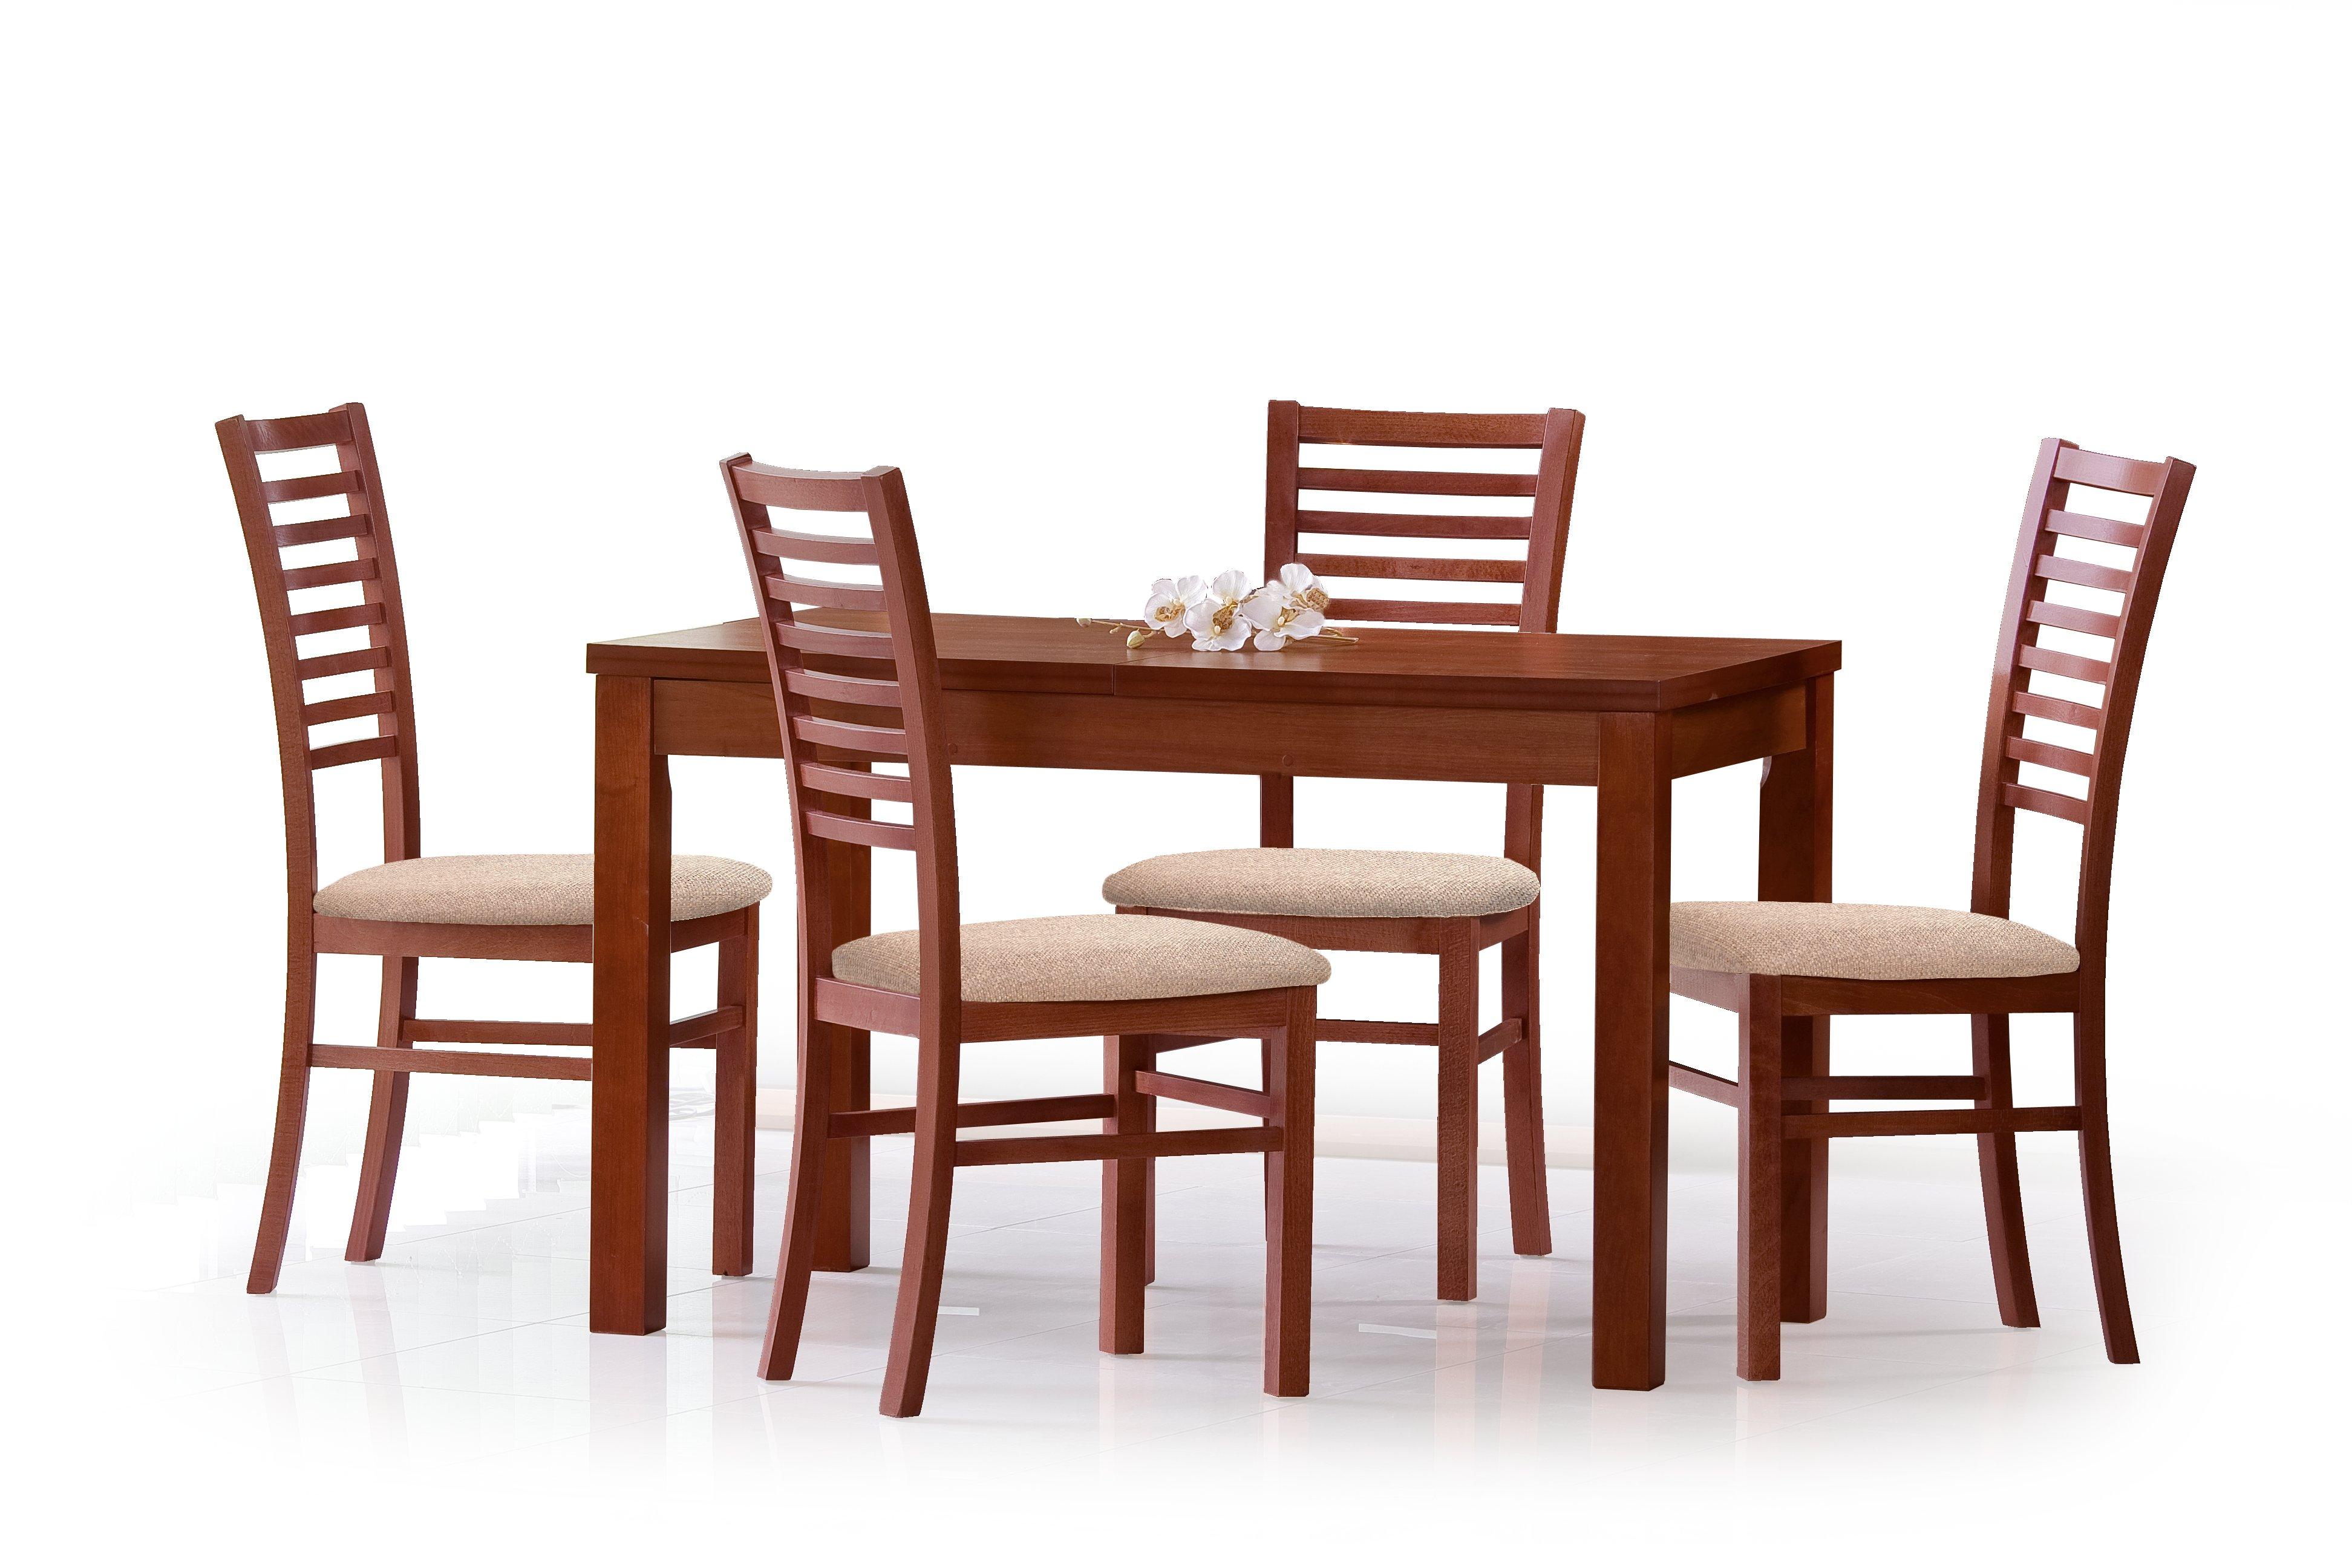 Jedálenský stôl - Halmar - Ernest 120/160 (pre 4 až 6 osôb). Sme autorizovaný predajca Halmar. Vlastná spoľahlivá doprava až k Vám domov.